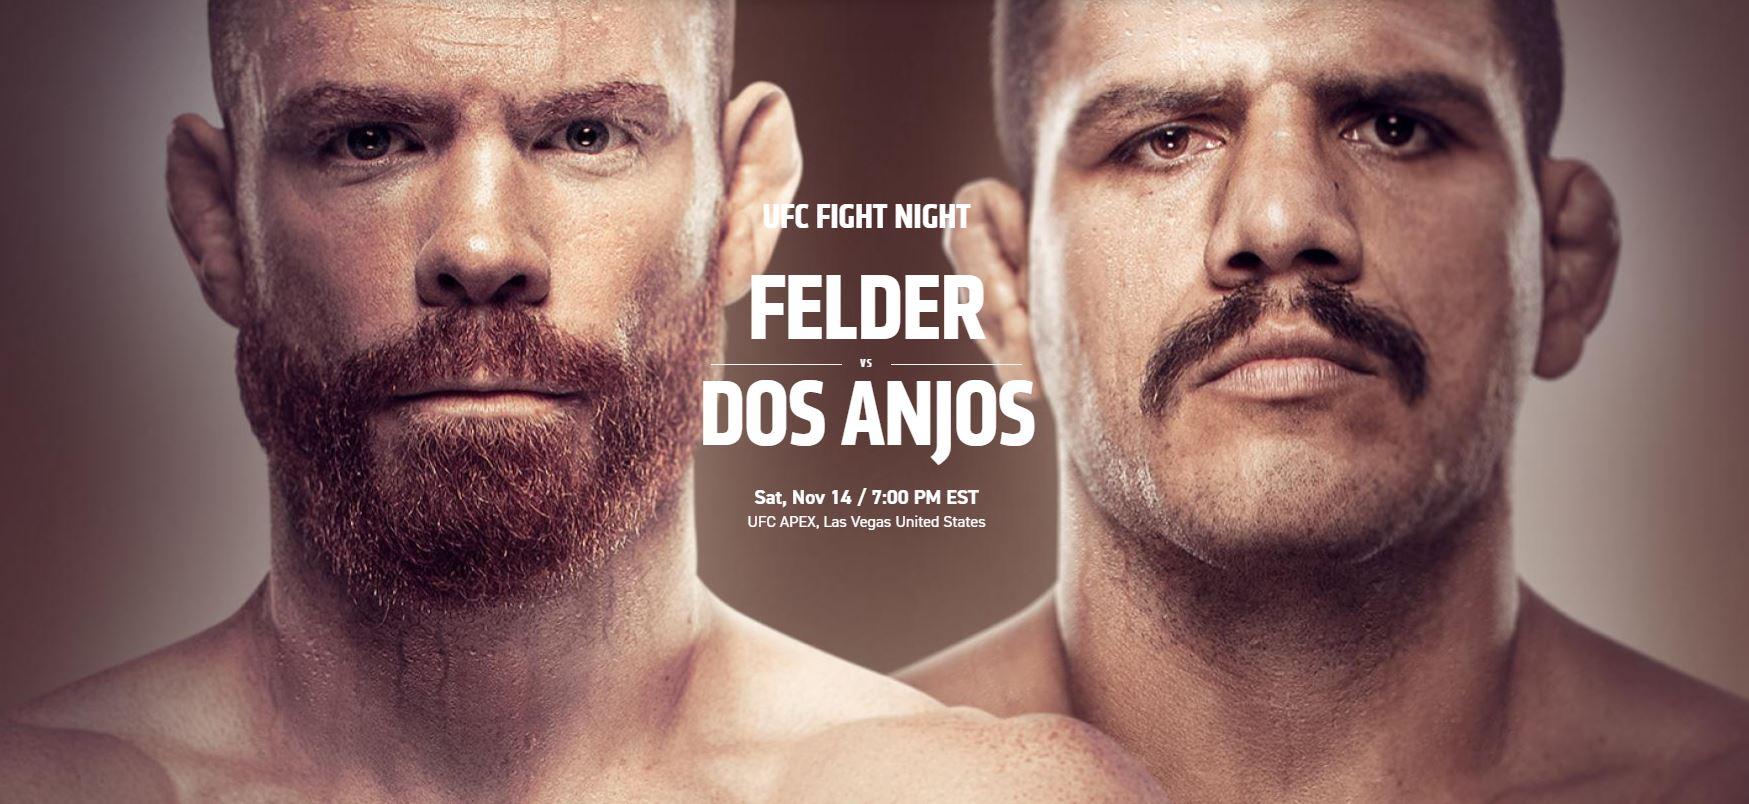 Artwork for UFC First Ever Don Bigote Match